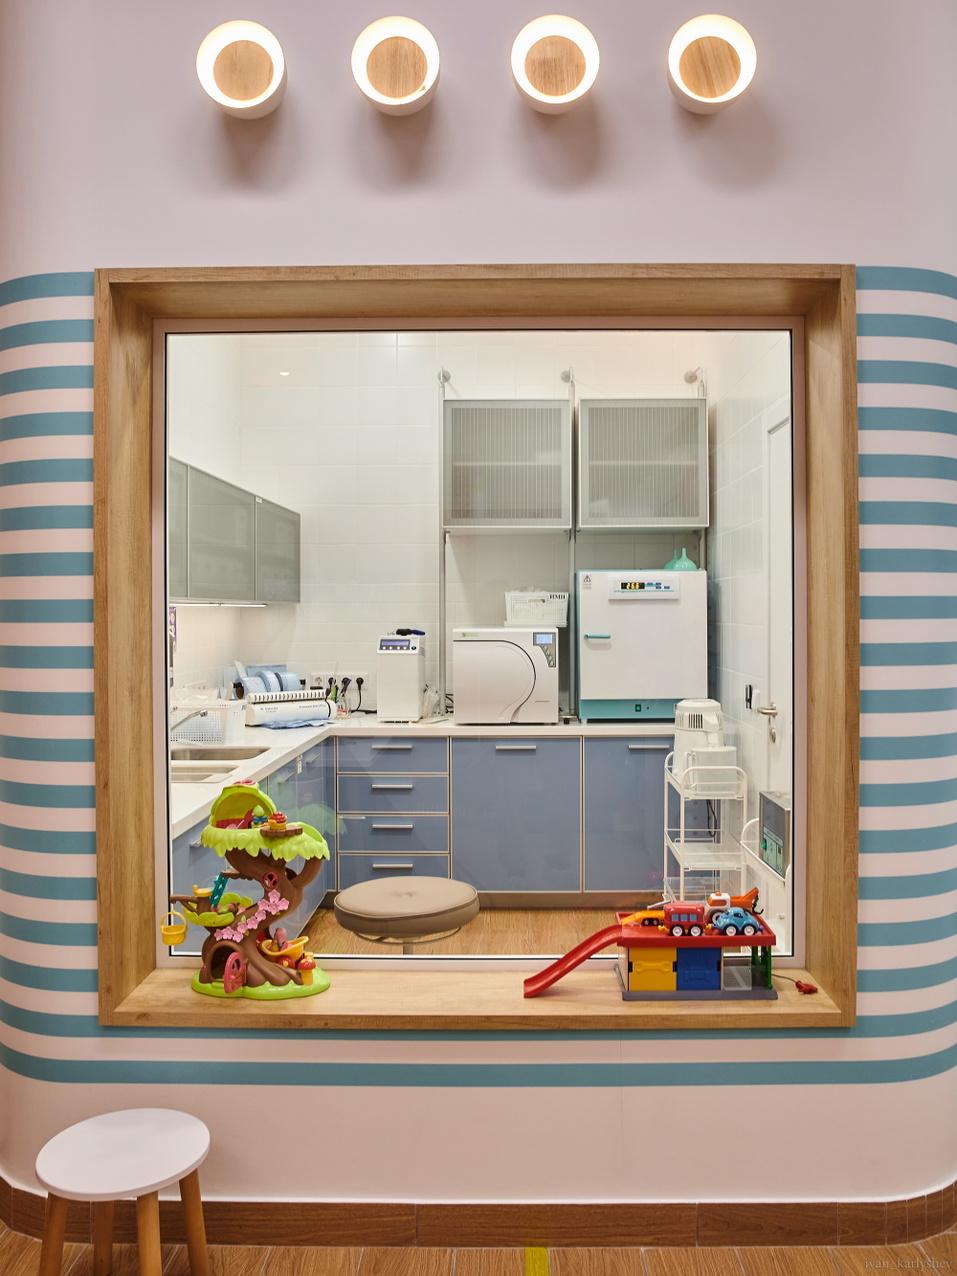 Без боли и страха: как устроена новая детская стоматология «Белый кит»? 8